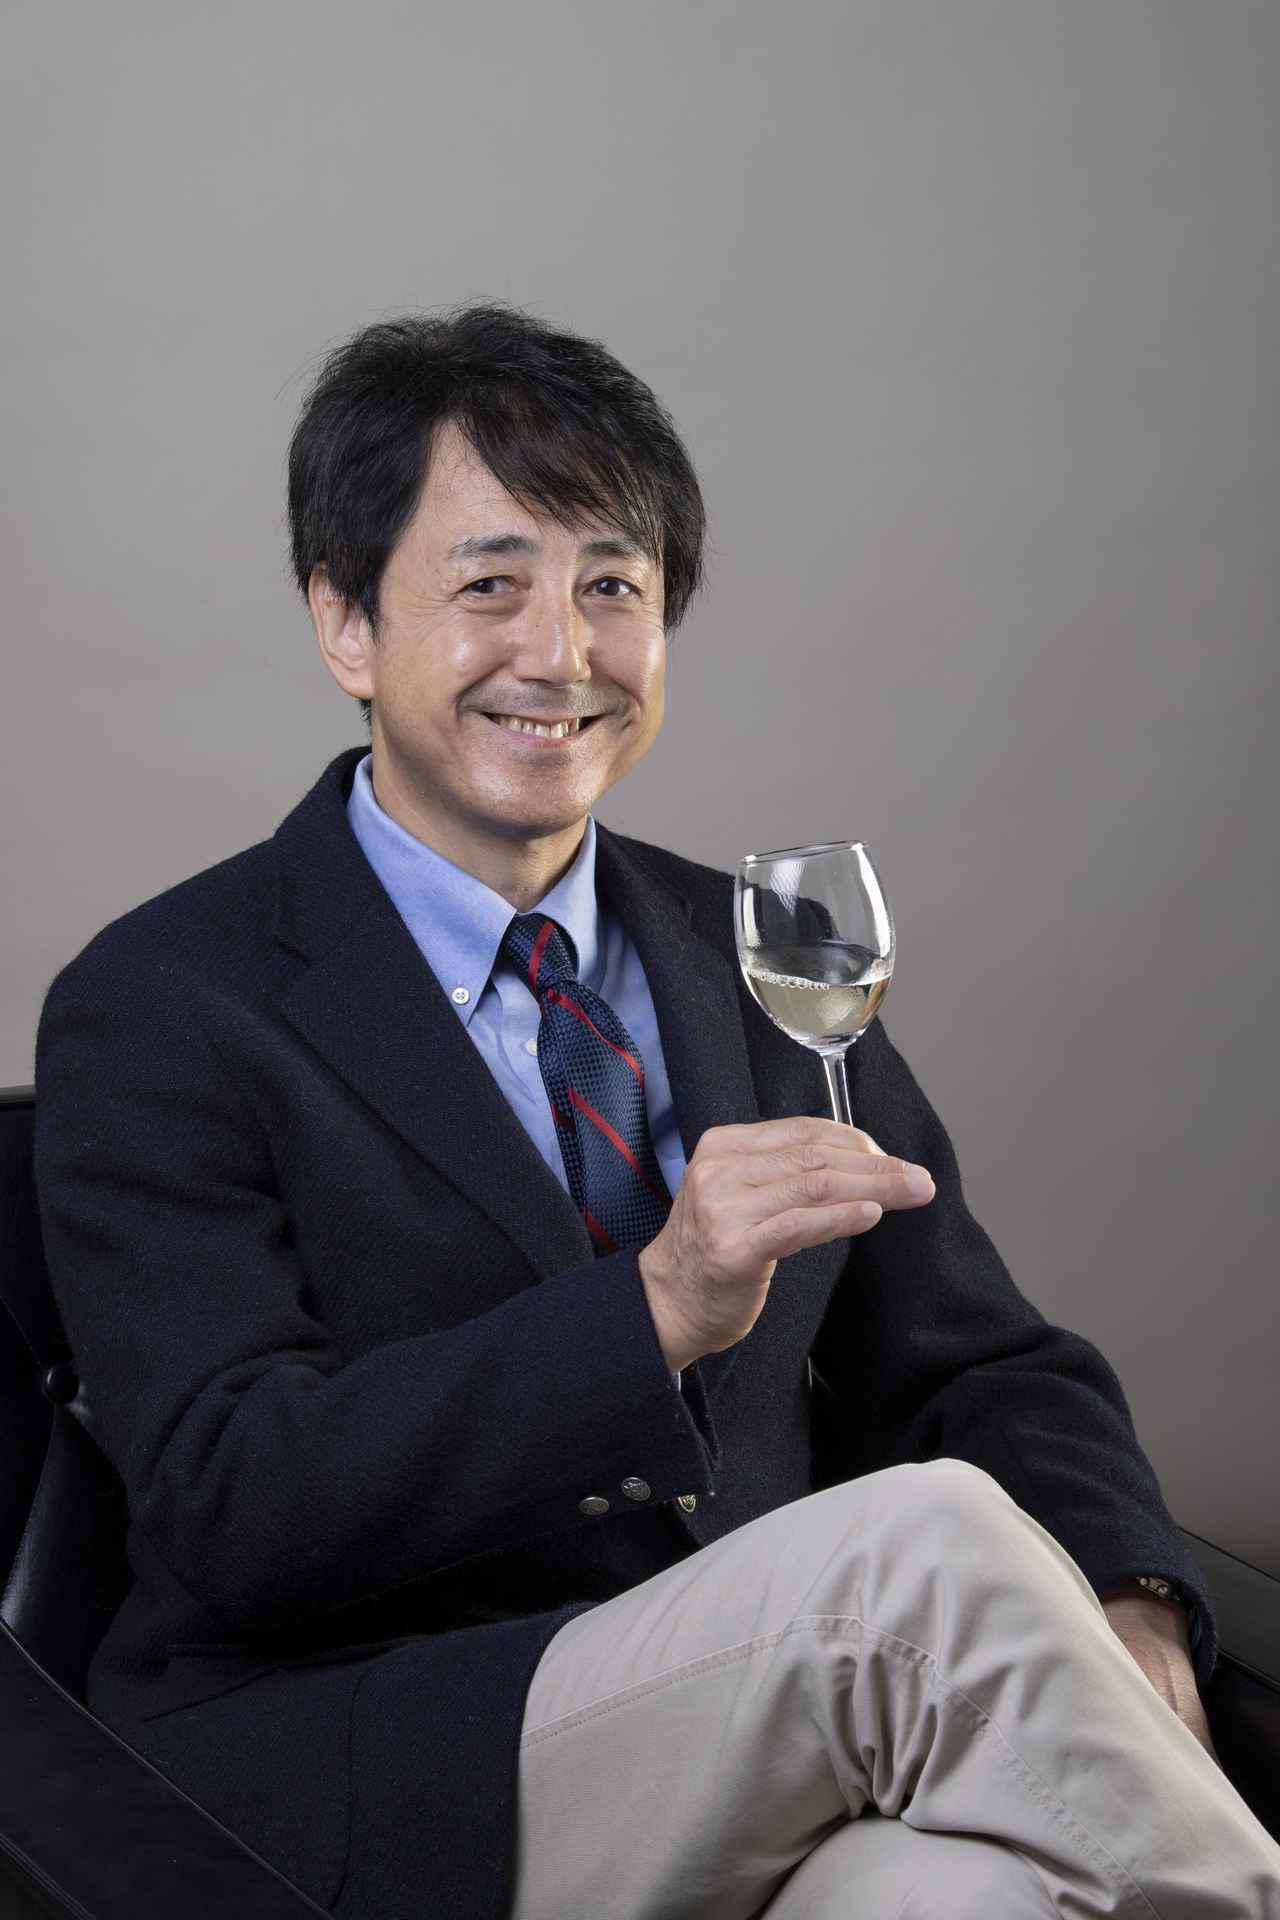 画像: 講師/川邉久之氏 エノログ(ワイン醸造技術管理士)。1988年に渡米、ナパ・ヴァレーで日本人初の醸造責任者として活躍。帰国後、コンサルタント、審査員、醸造専門学校講師等を歴任。2009年「高畠ワイナリー」取締役製造部長。2019年「ŒNOLUTION」設立